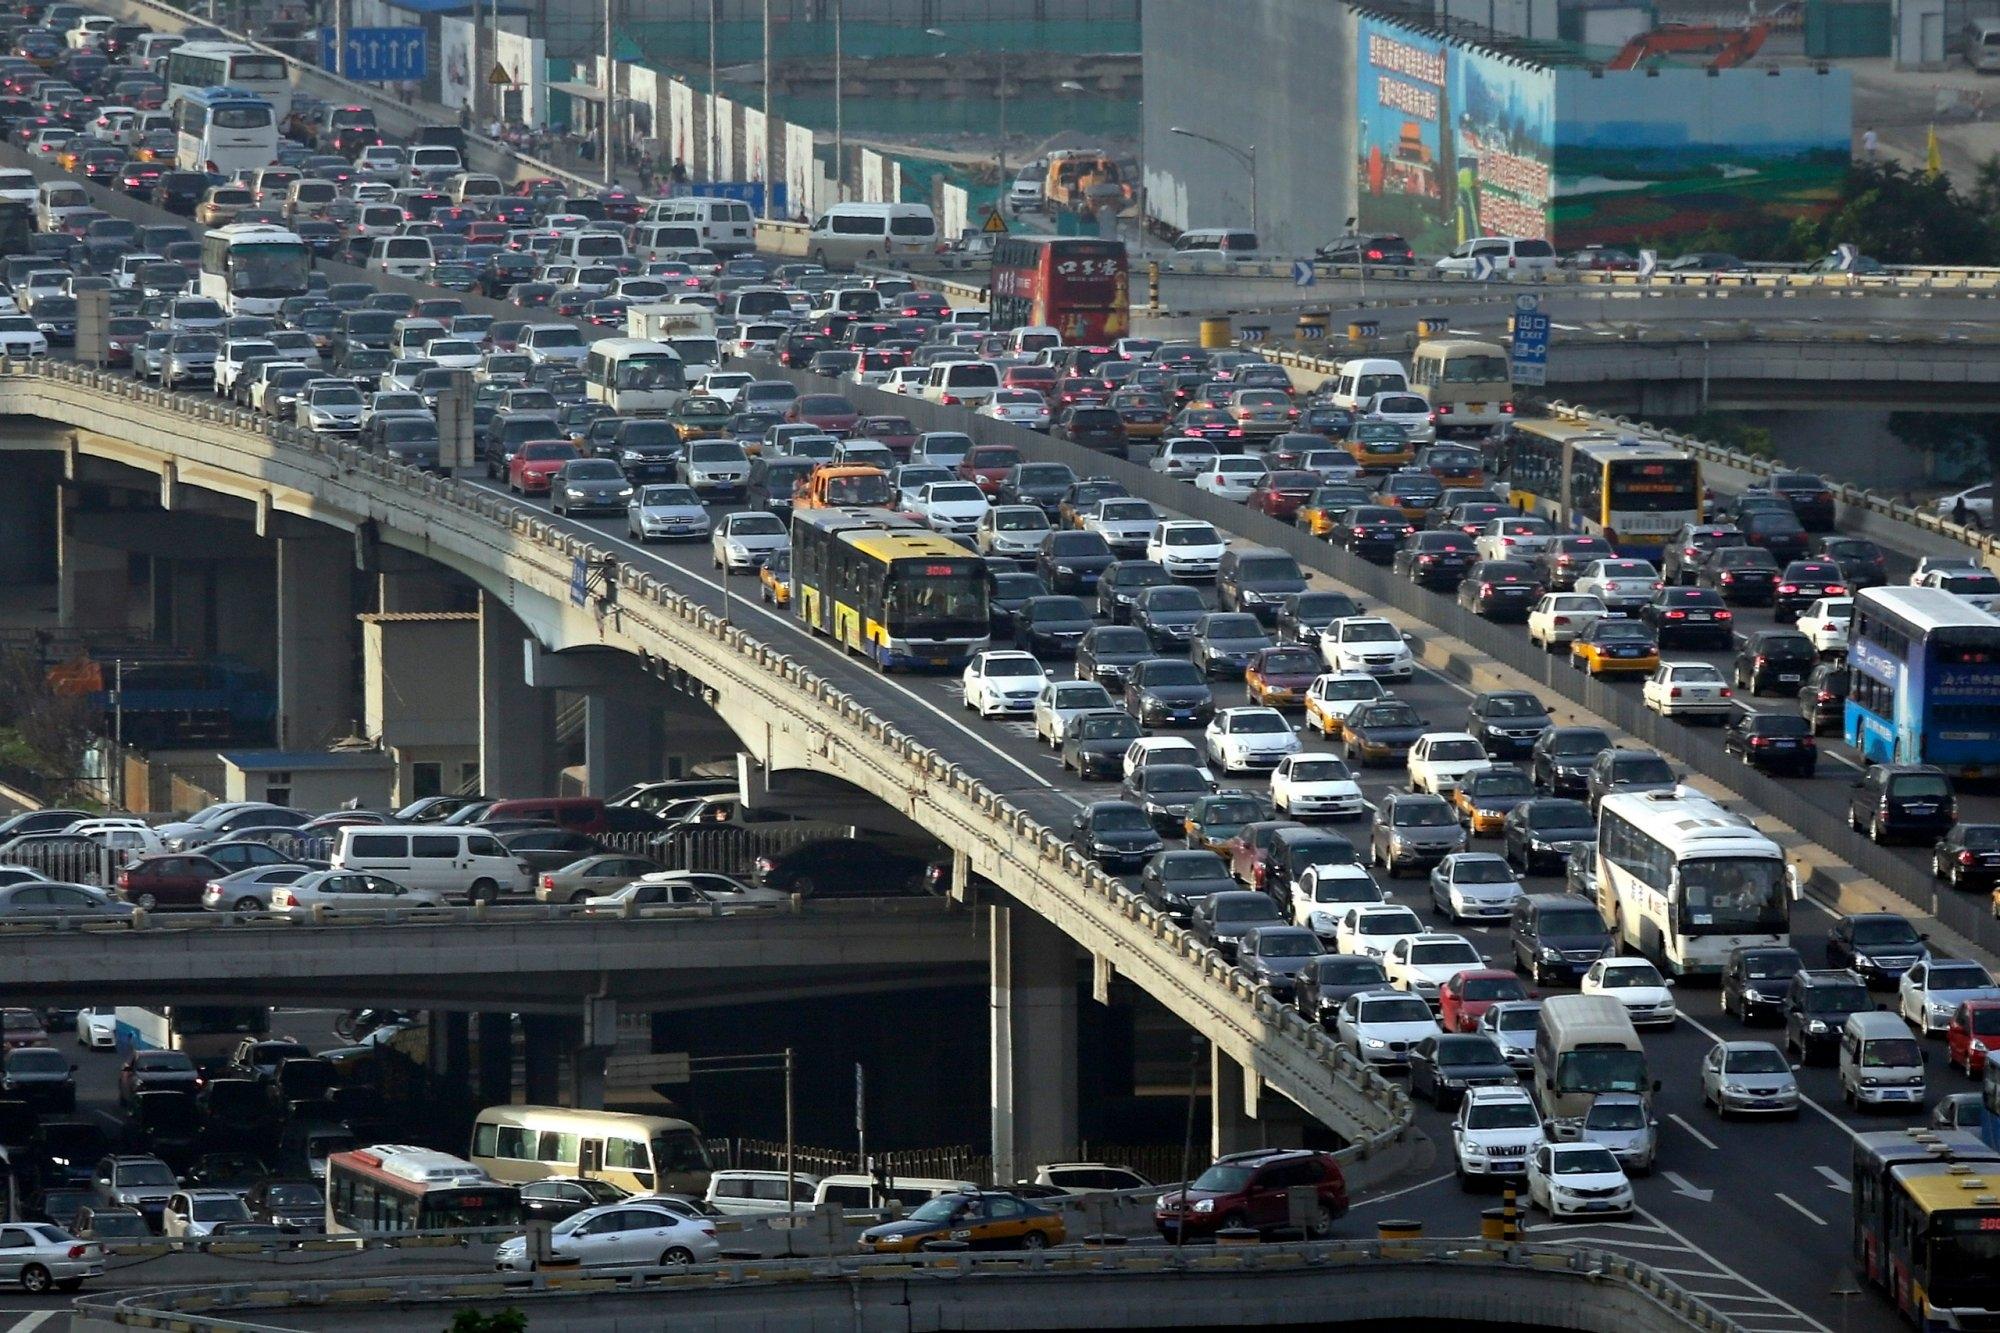 Ùn tắc giao thông có thể kinh khủng tới cỡ nào?